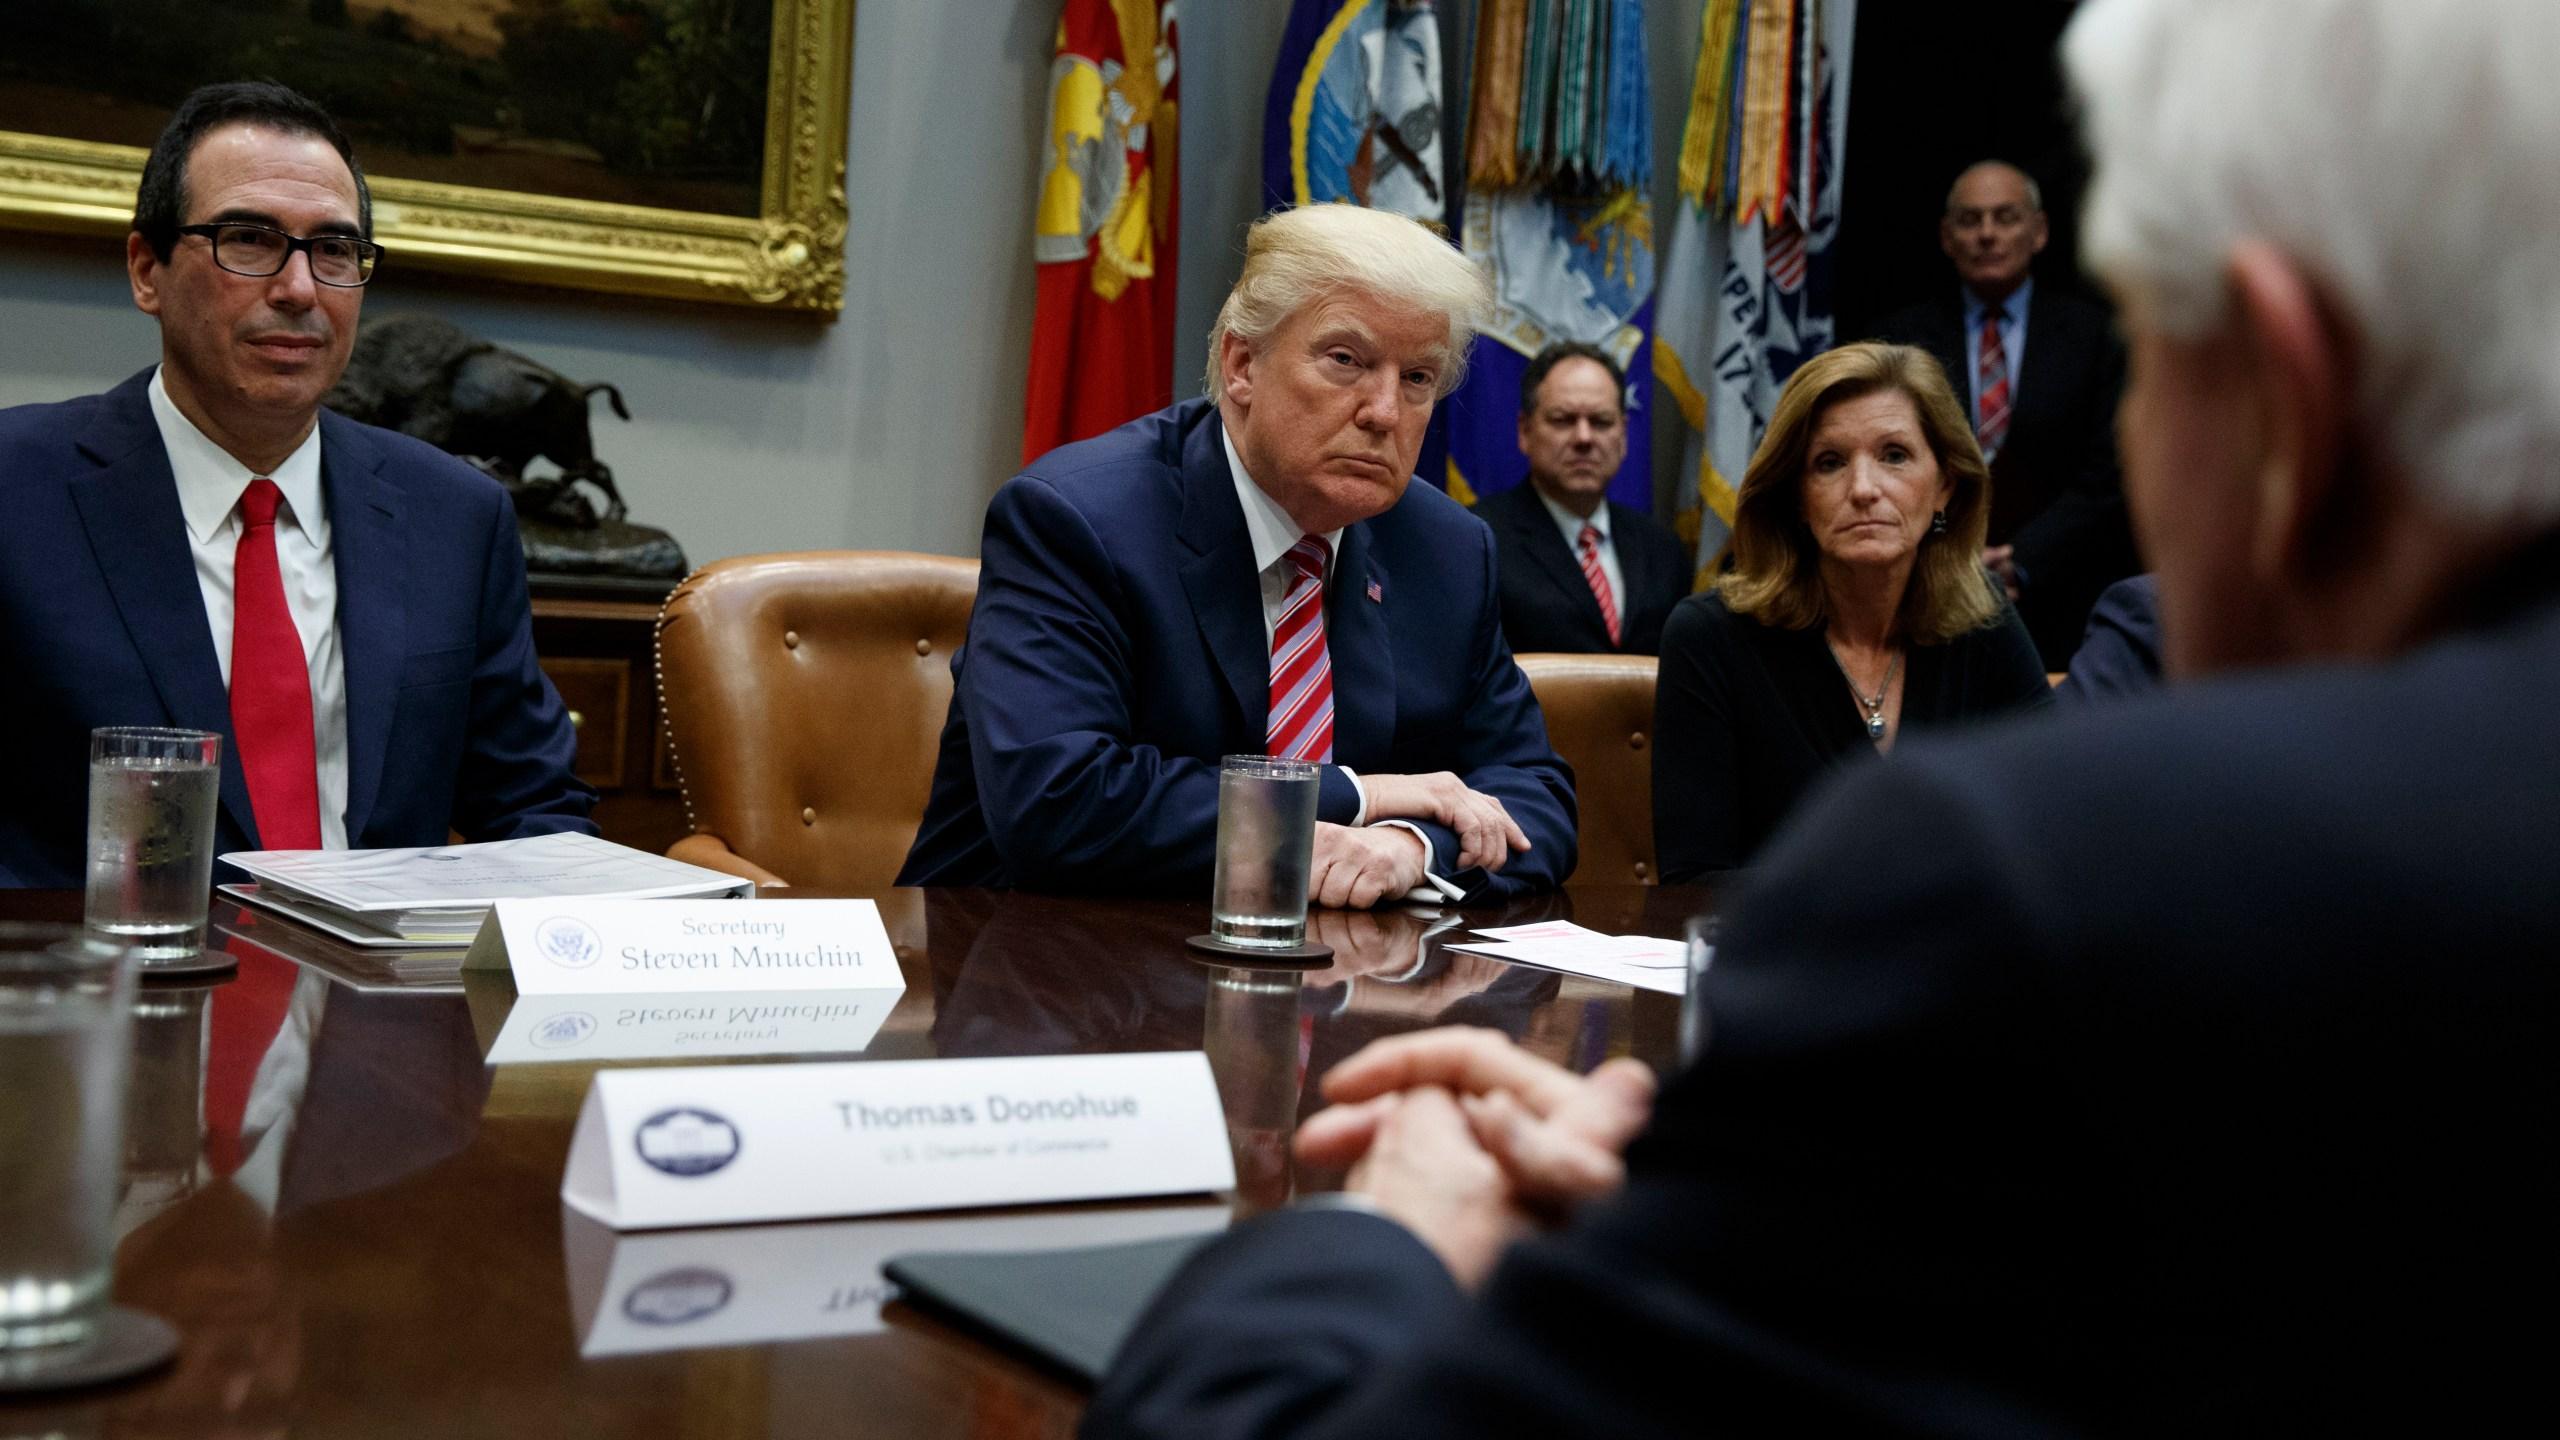 Trump_China_Trade_69442-159532.jpg97704541